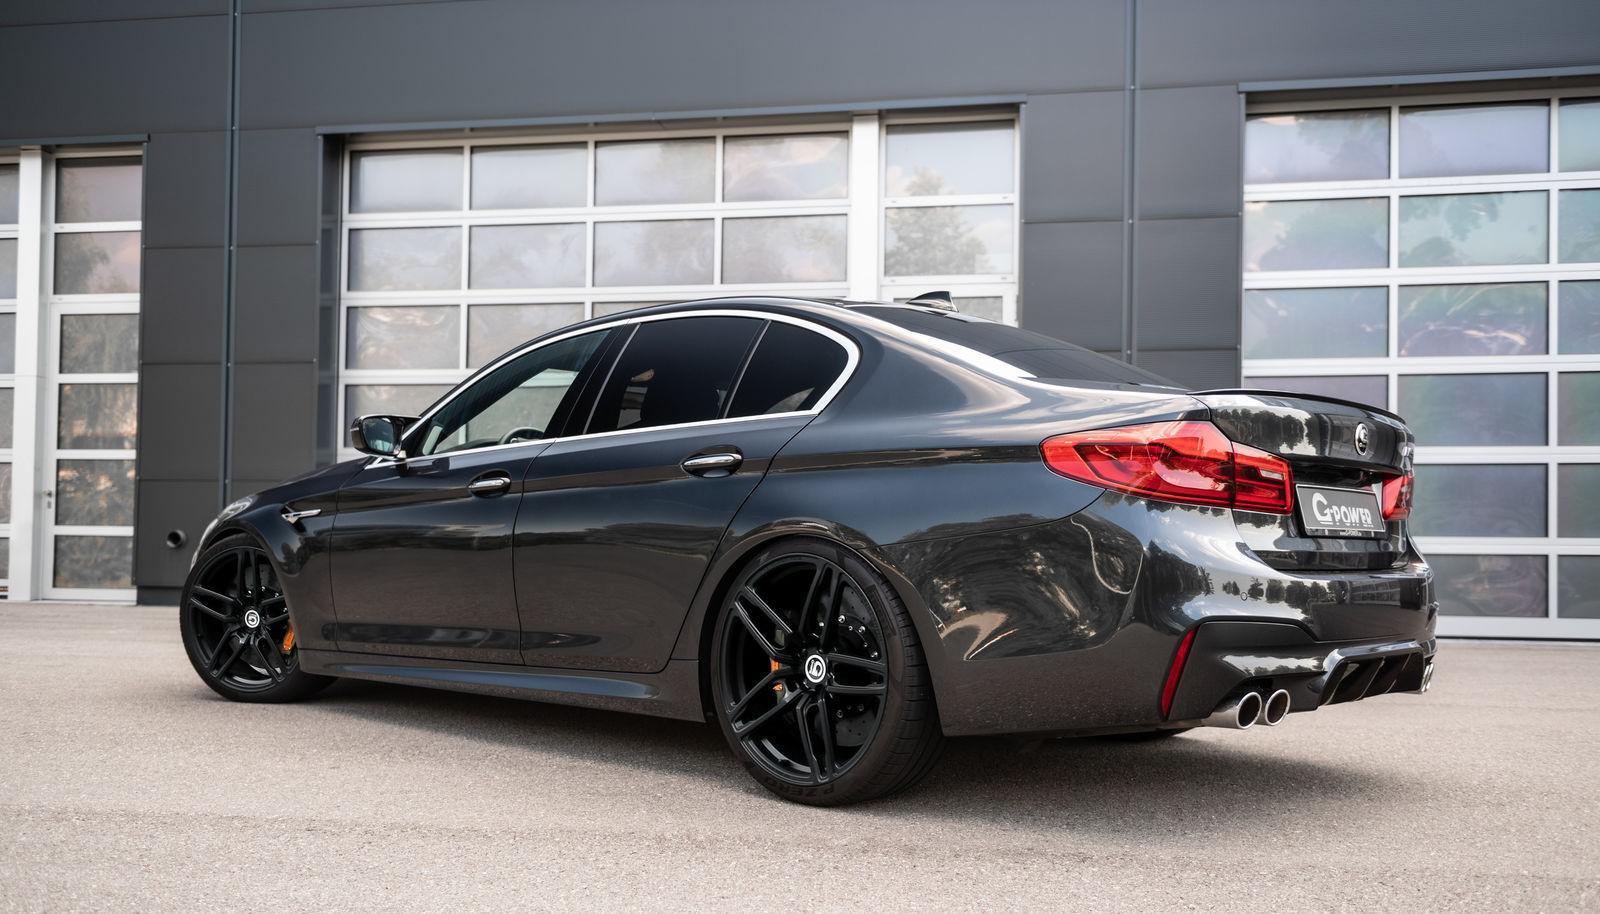 bmw-m5-f90-g-power-berline-de-puissance-avec-les-performances-d-une-super-voiture-de-sport-874-3.jpg